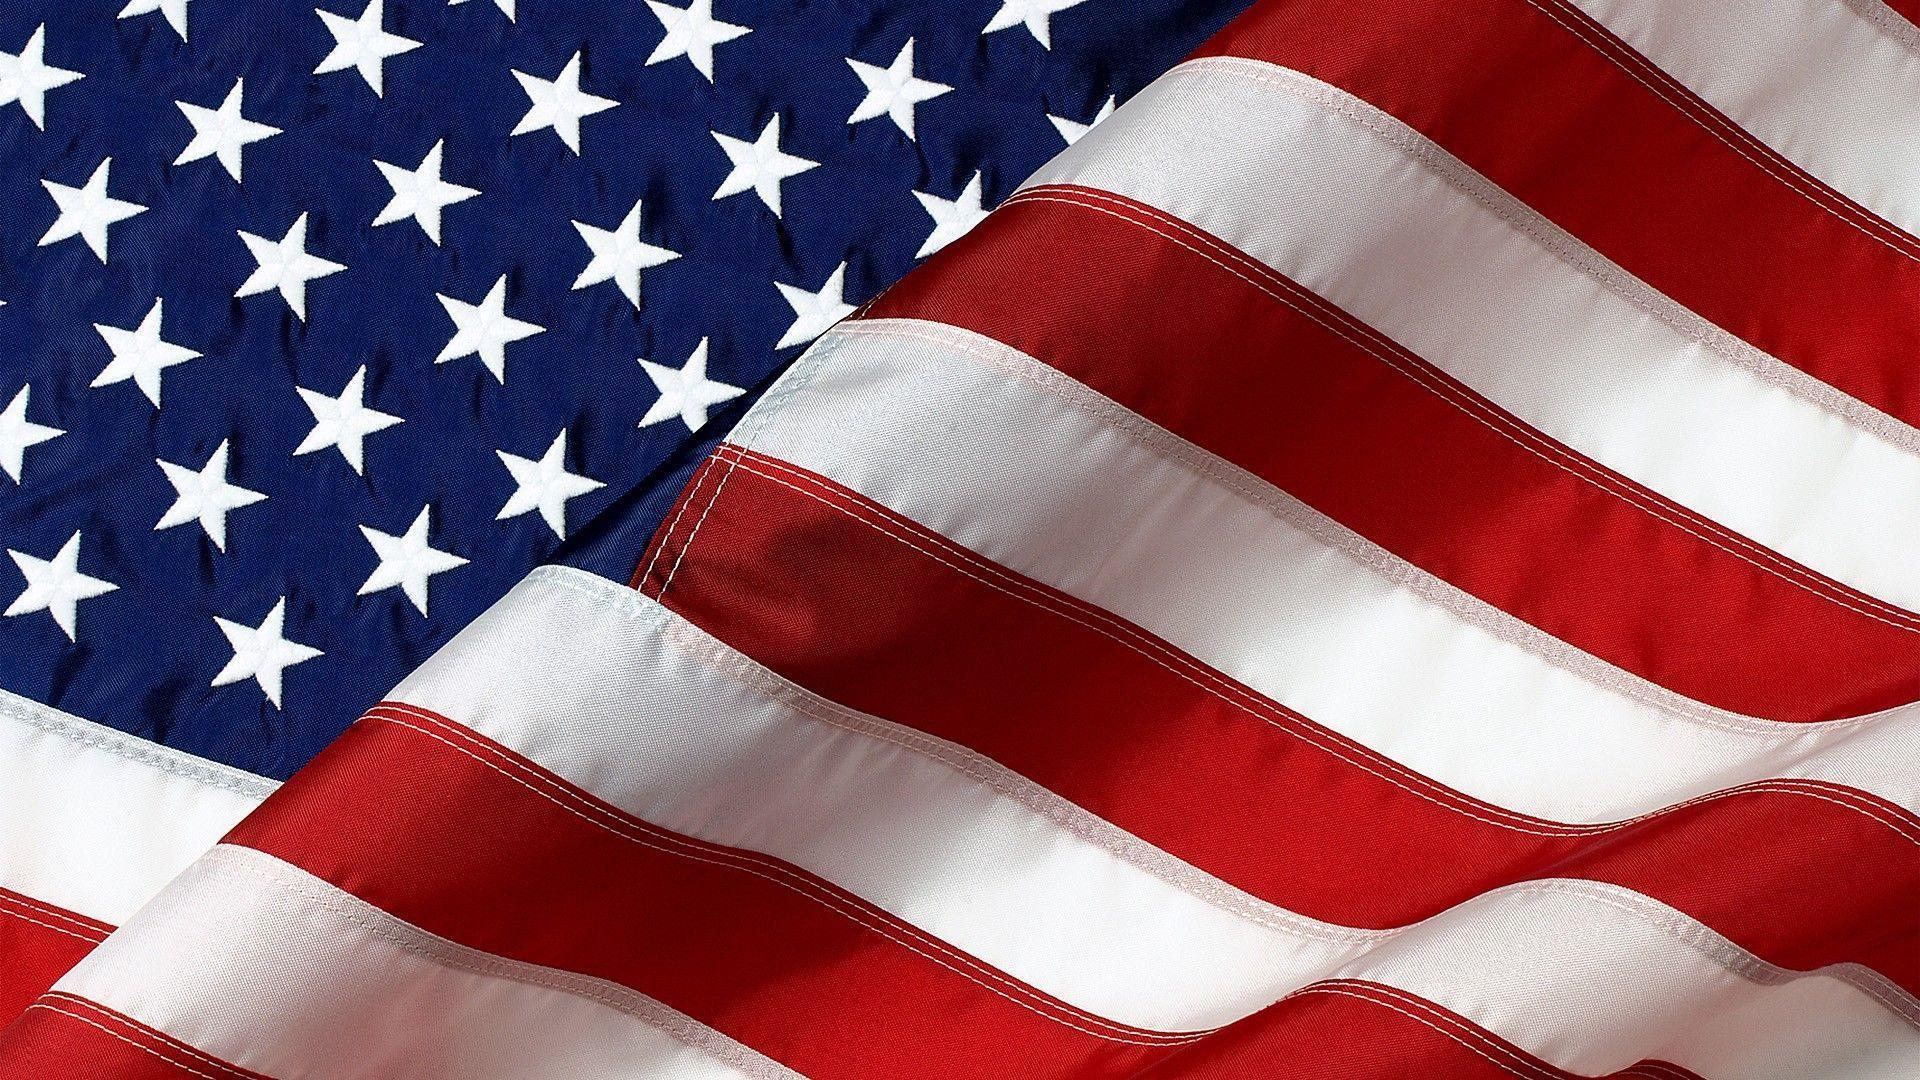 flag desktop background - photo #44